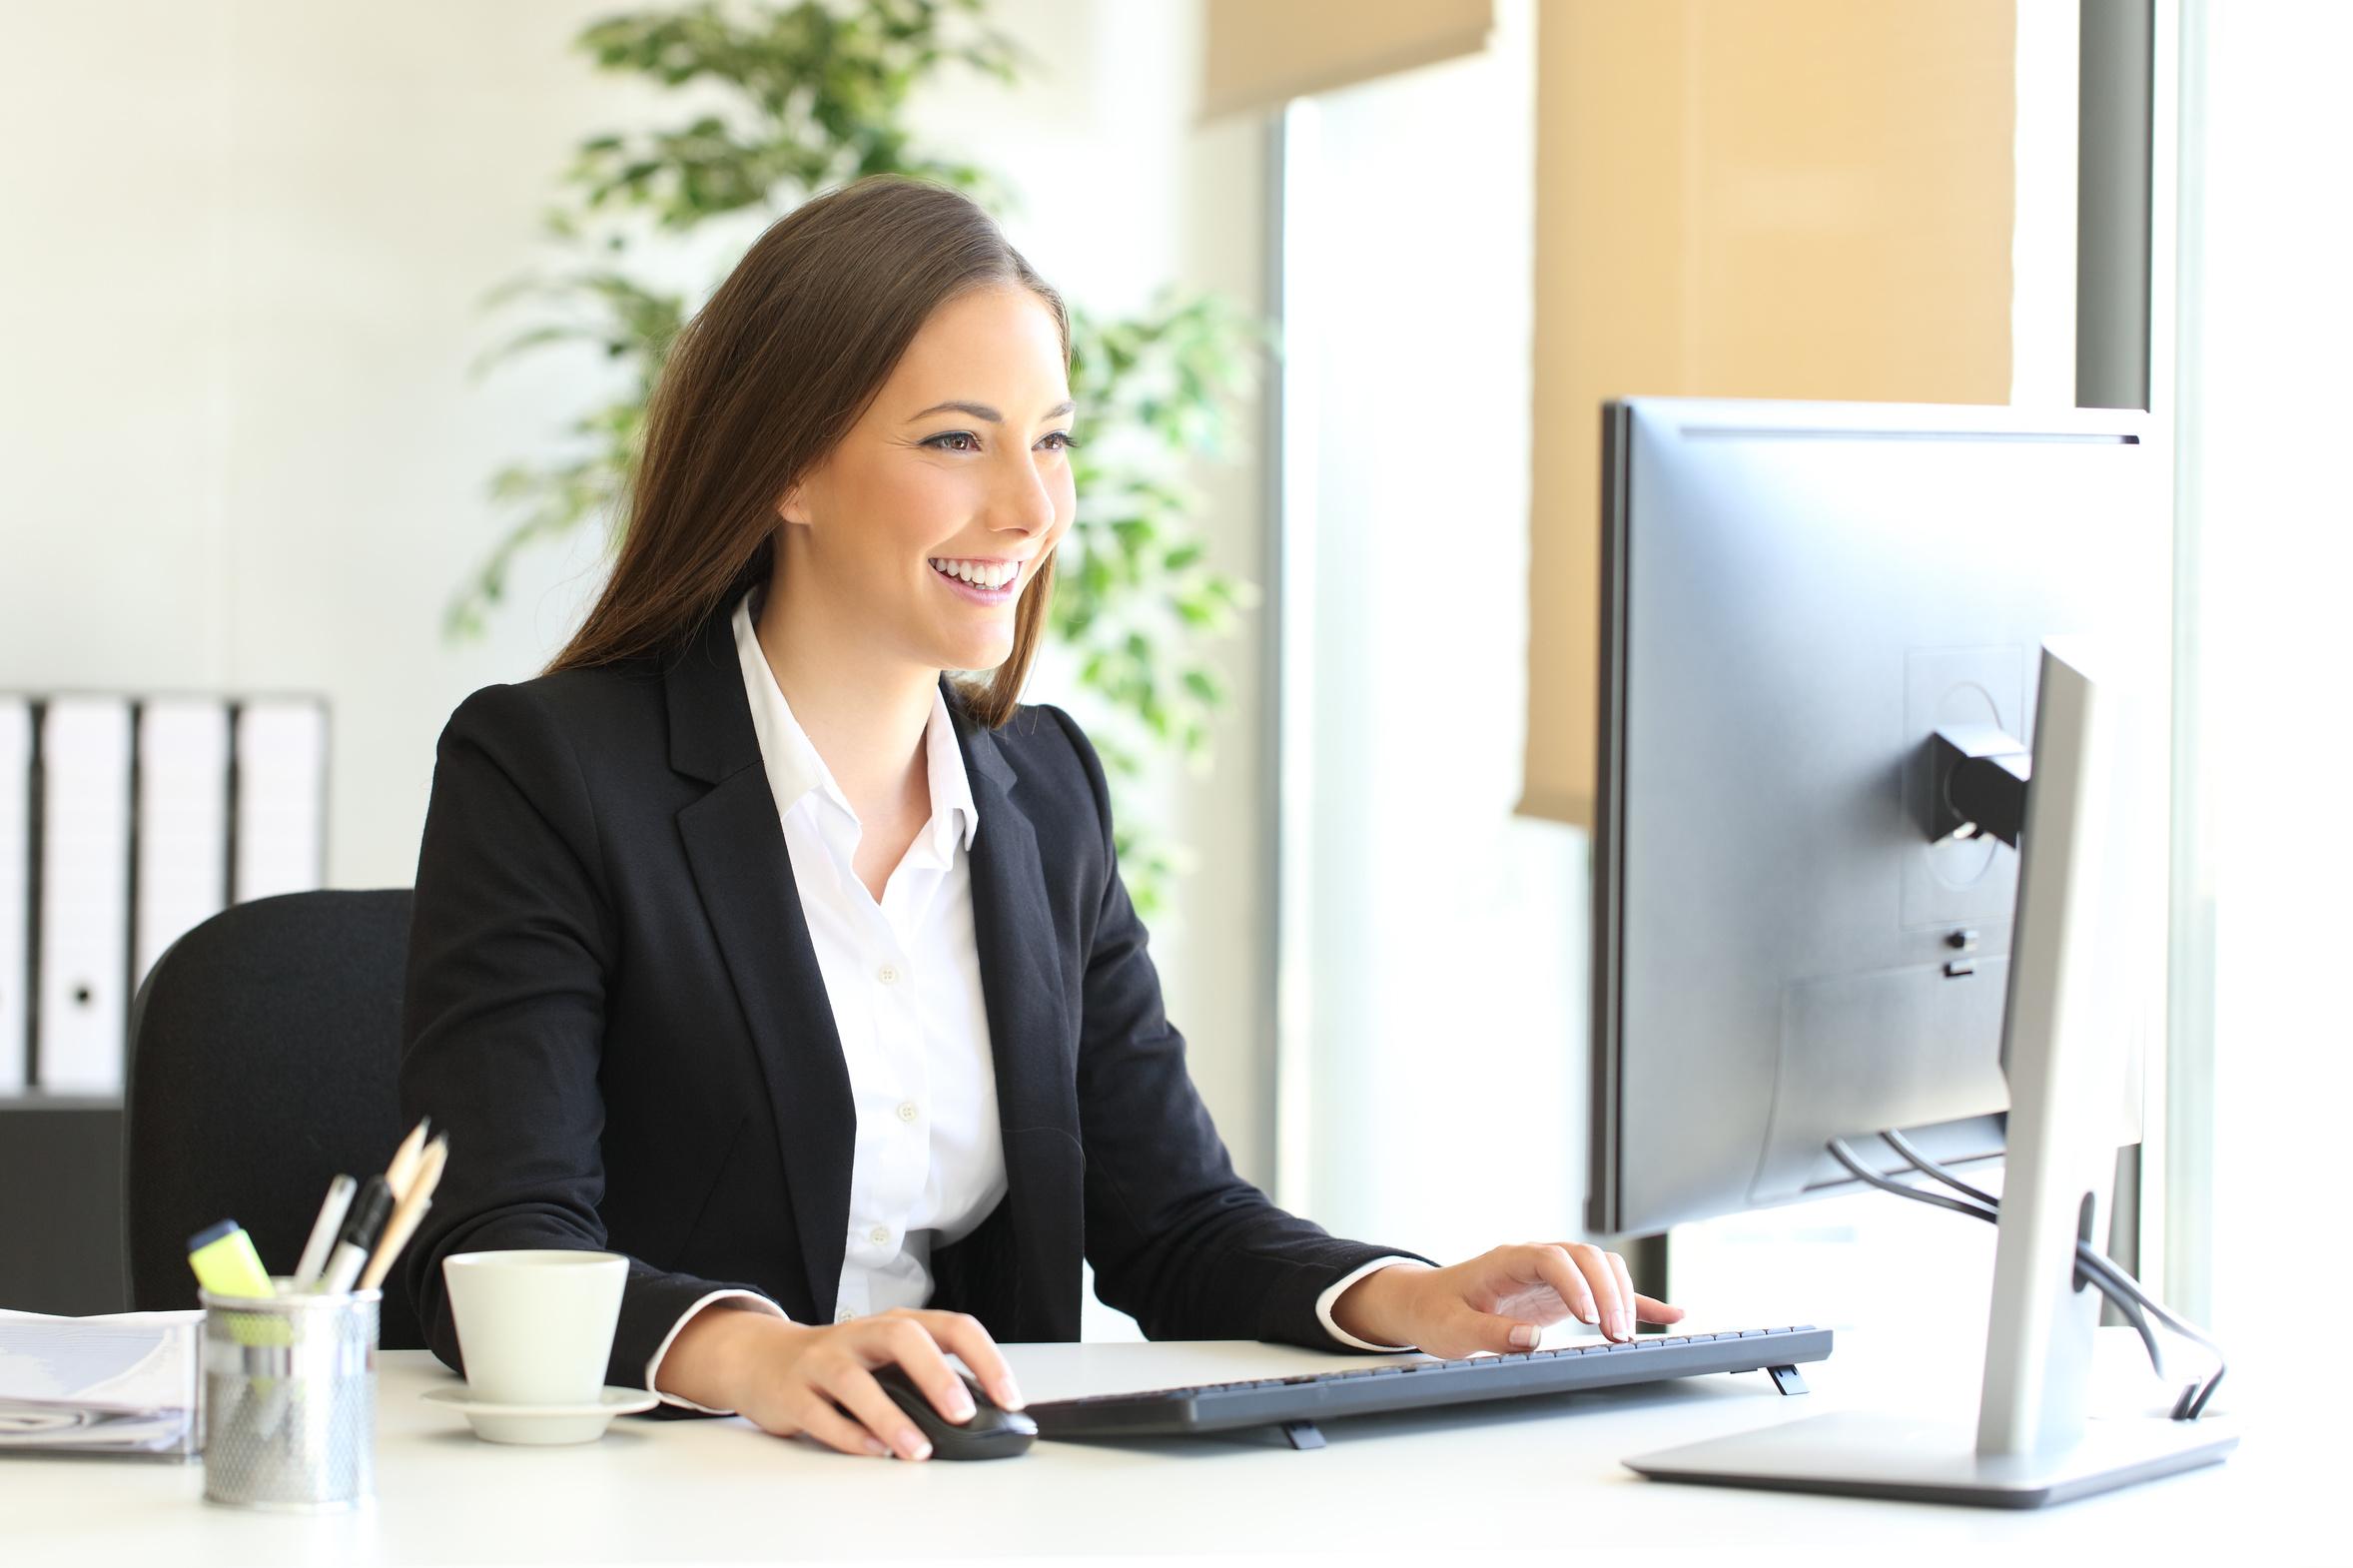 Lächelnde Frau am Computer arbeitend nach rechts sehend